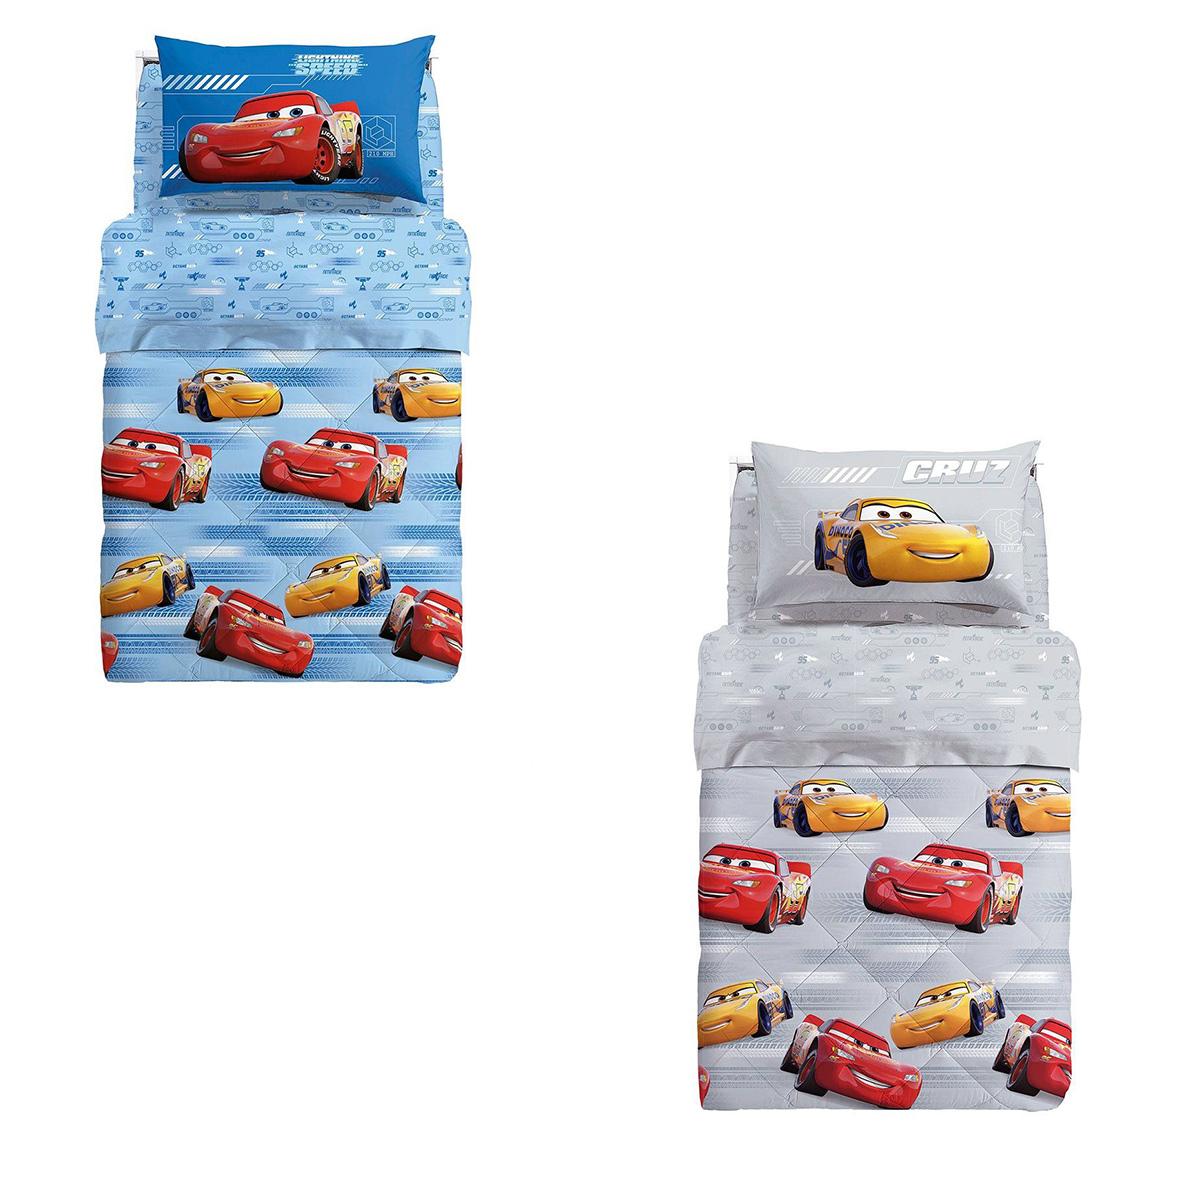 Piumone Letto Singolo Cars.Trapunta Piumone Letto Singolo Cars Turbo Caleffi 1 Piazza Ebay